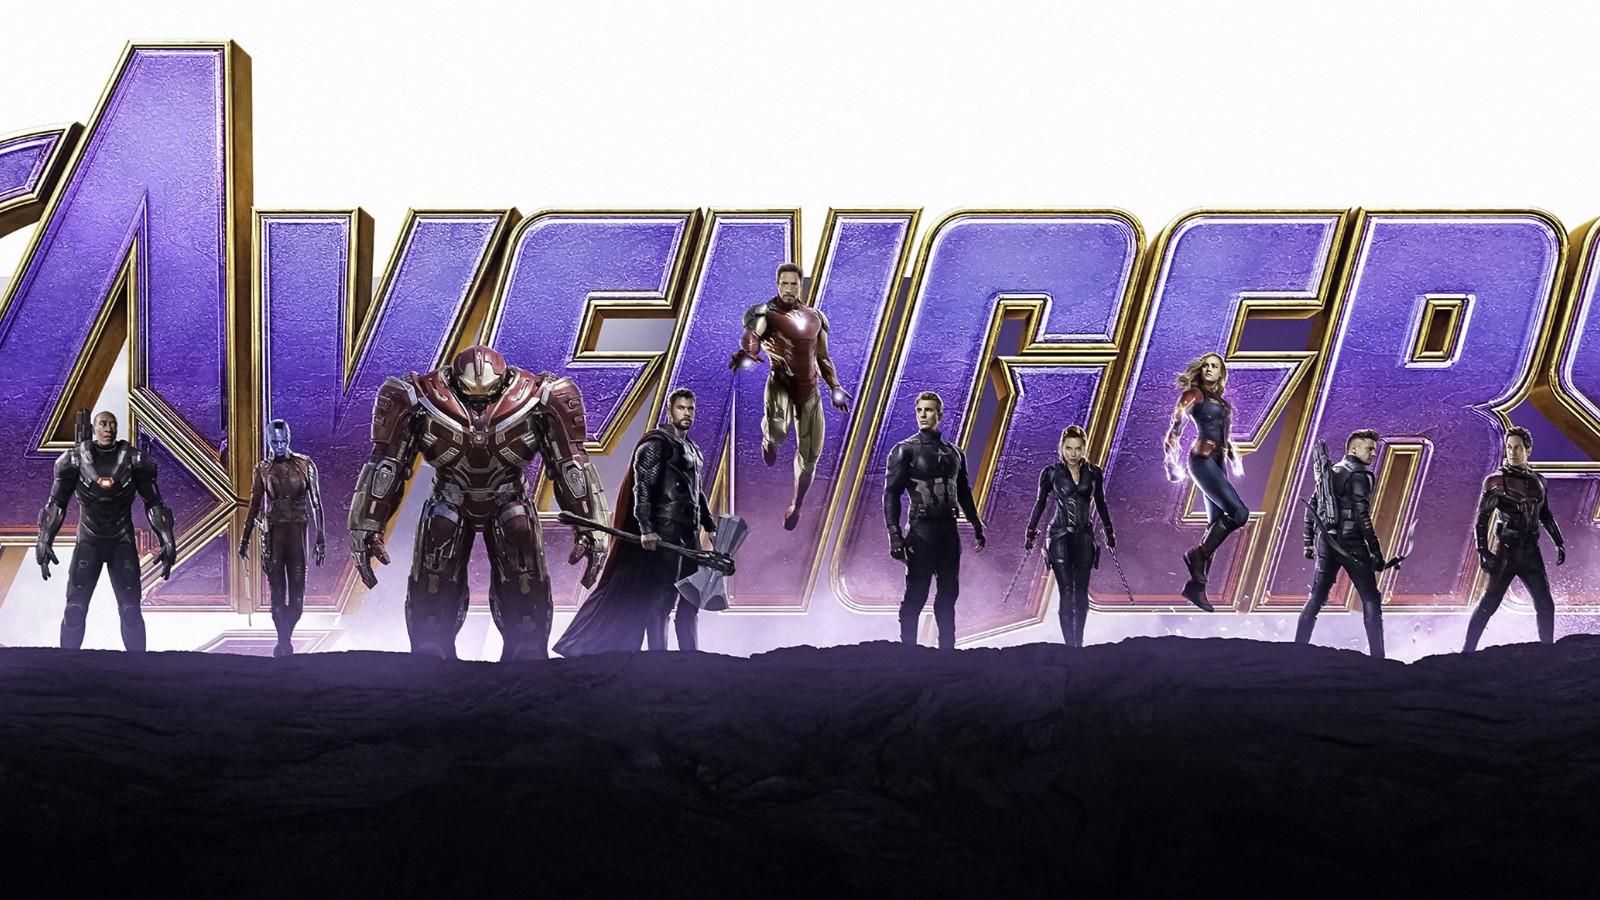 High Definition 3d Hd Wallpaper Avengers Endgame 4k Wallpapers Hd Wallpapers Id 28387